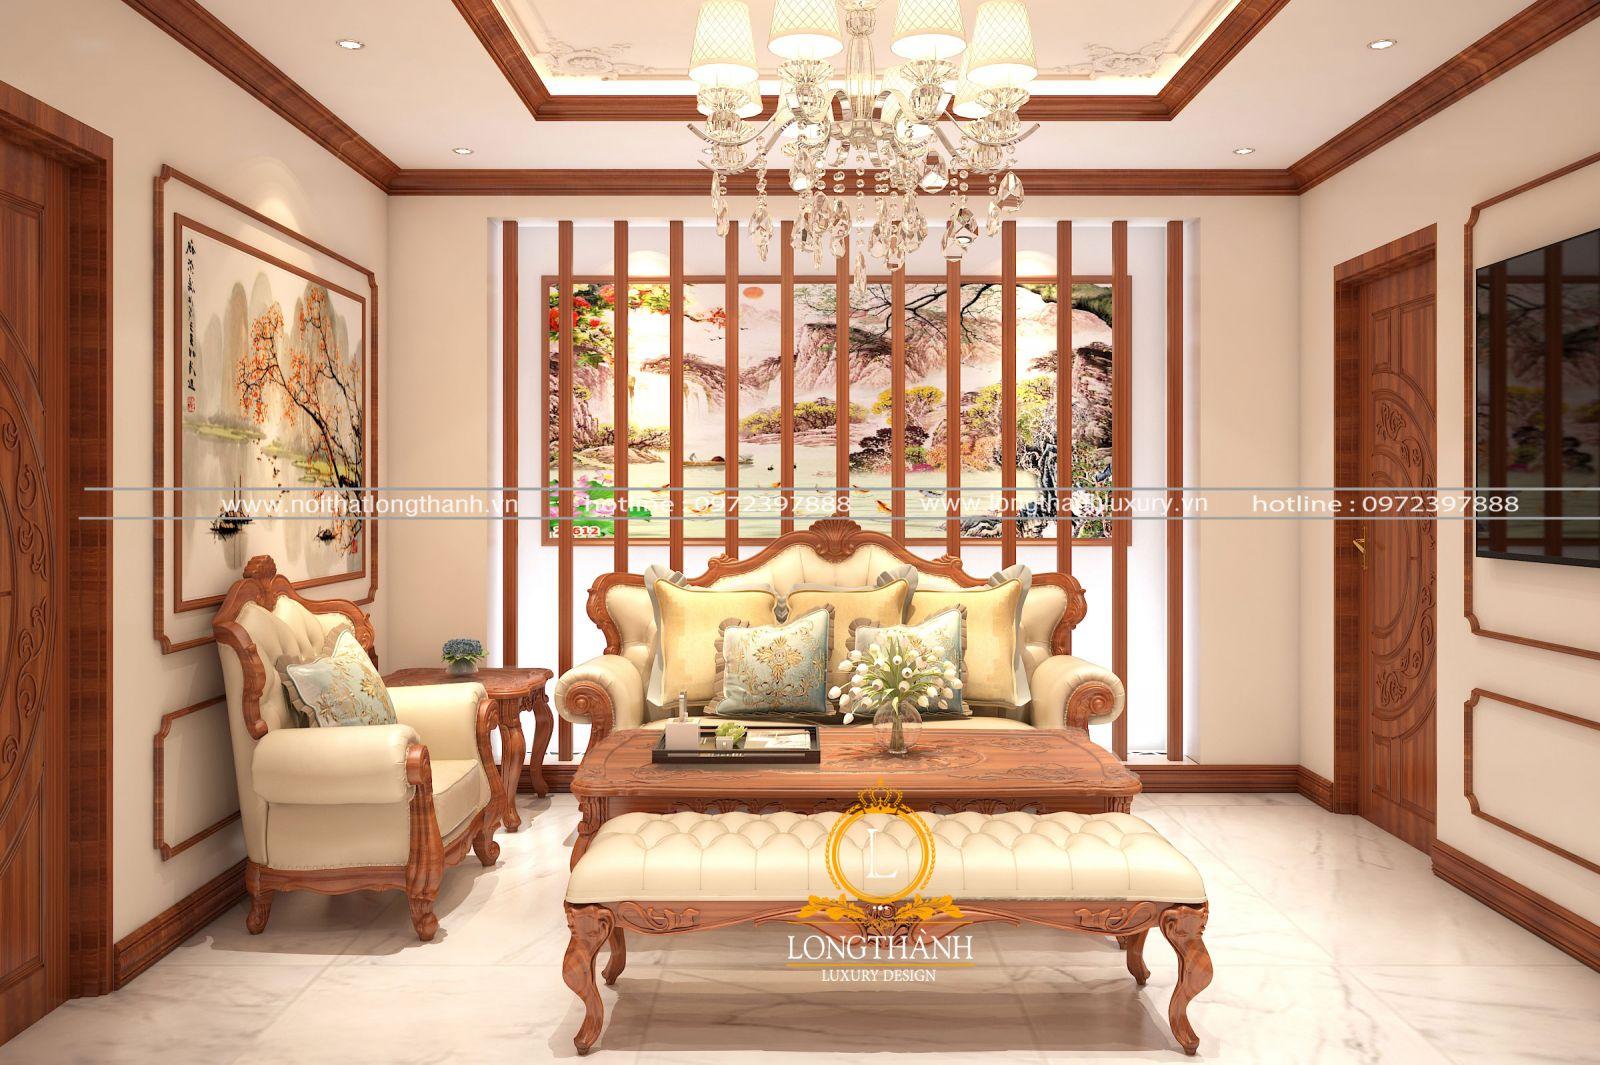 Lựa chọn sofa có màu sắc hài hòa với không gian